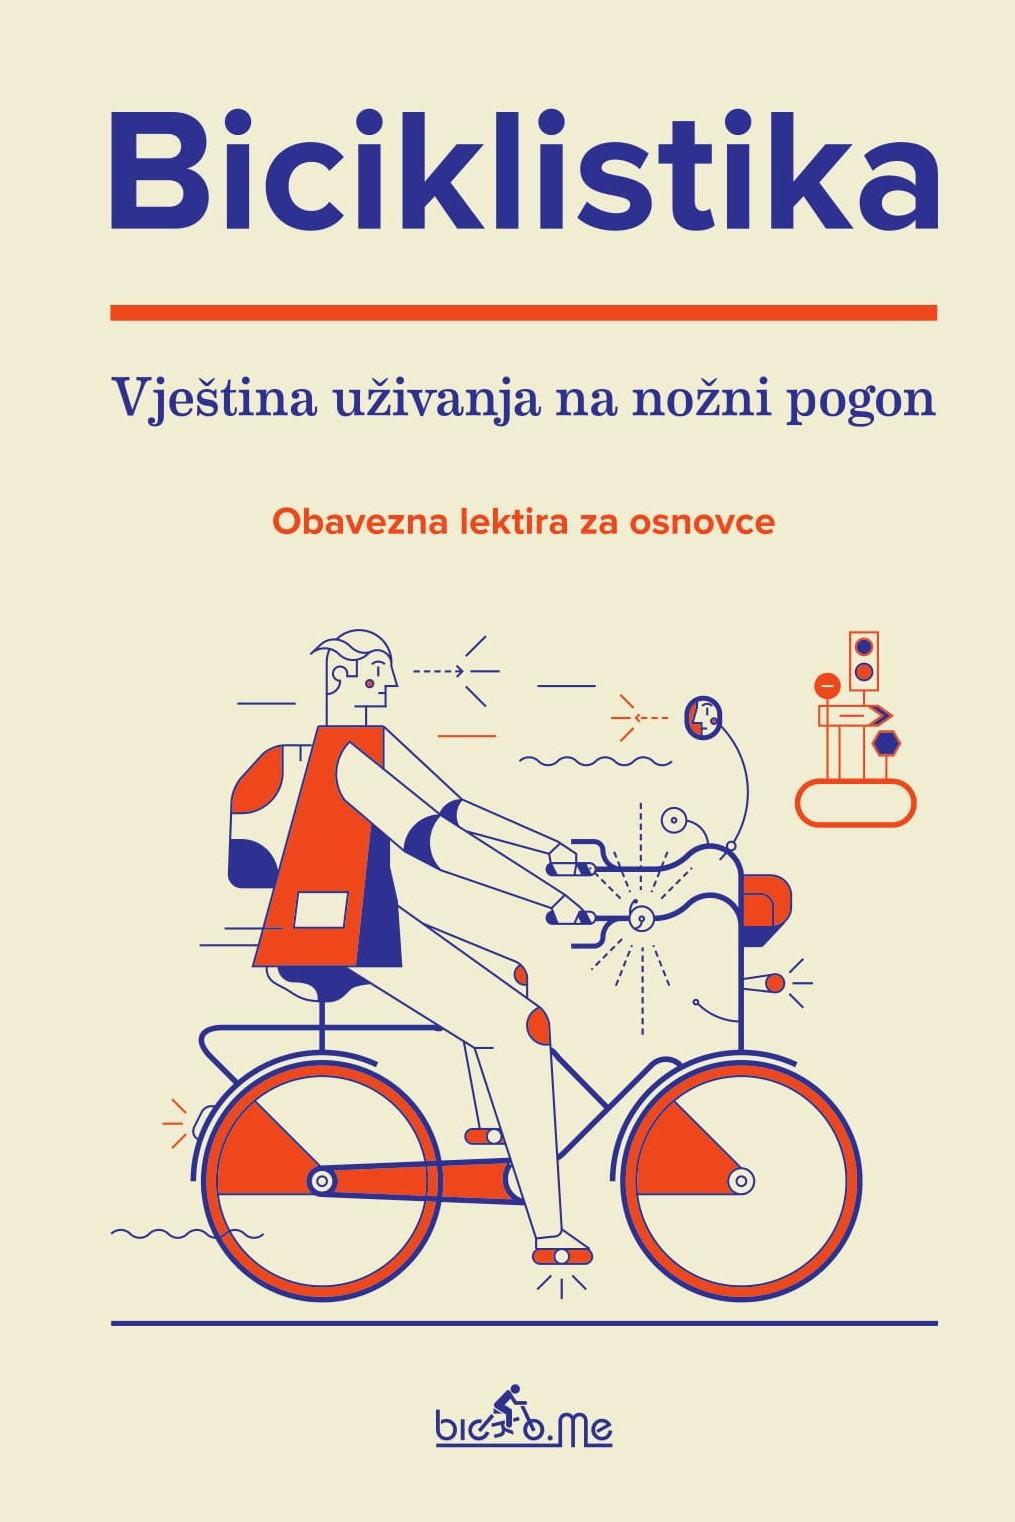 Biciklistika